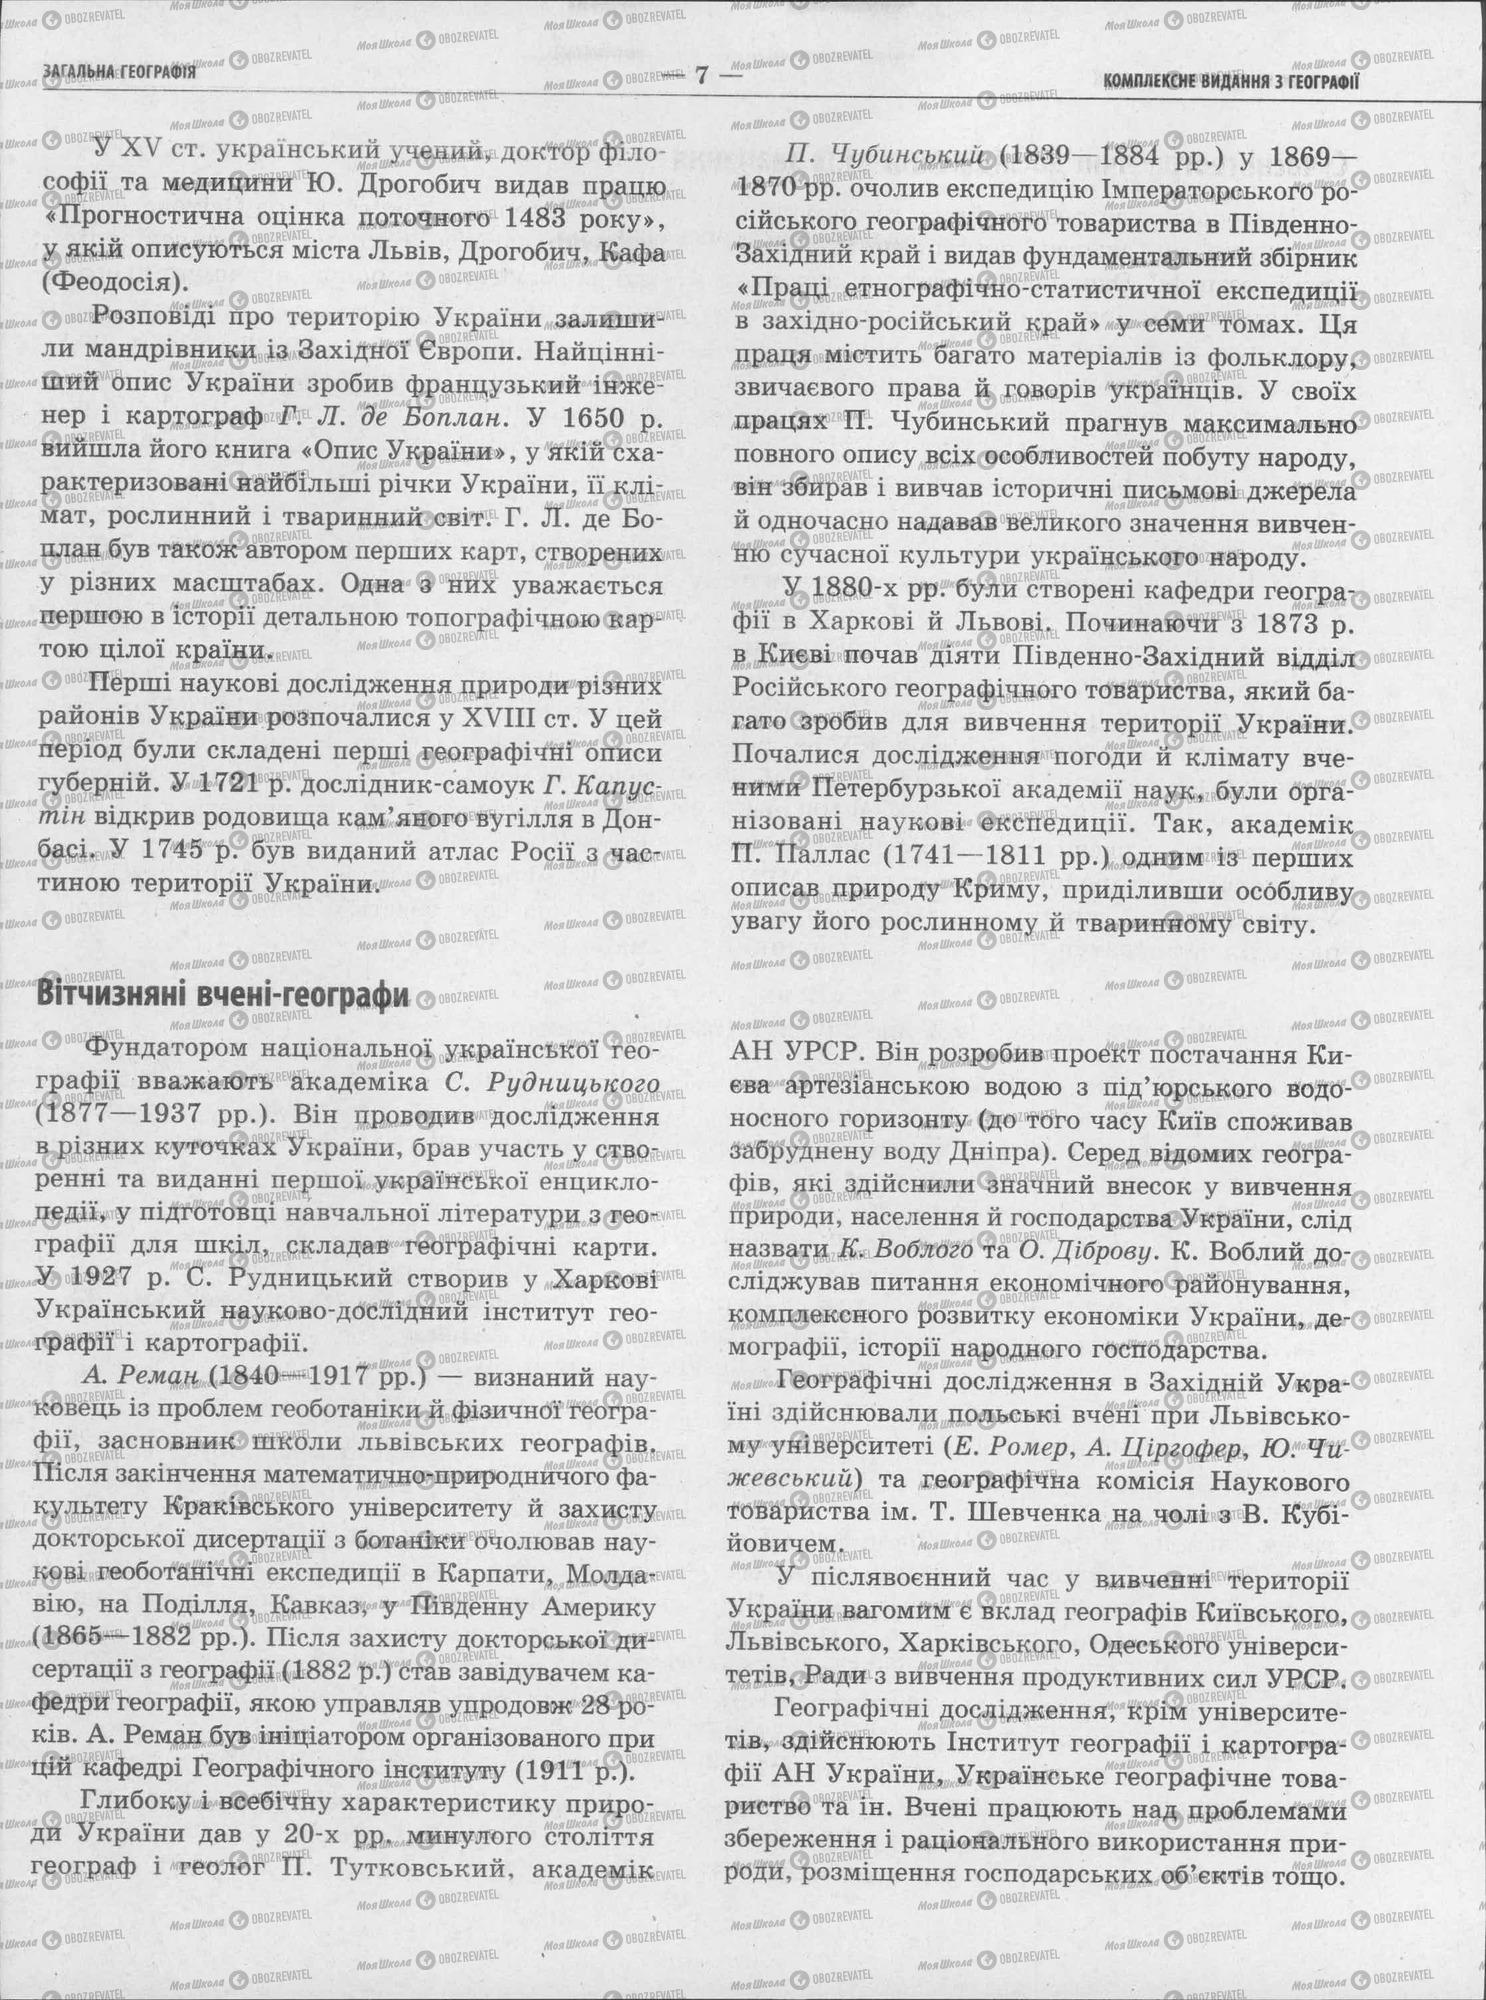 ЗНО География 11 класс страница 7